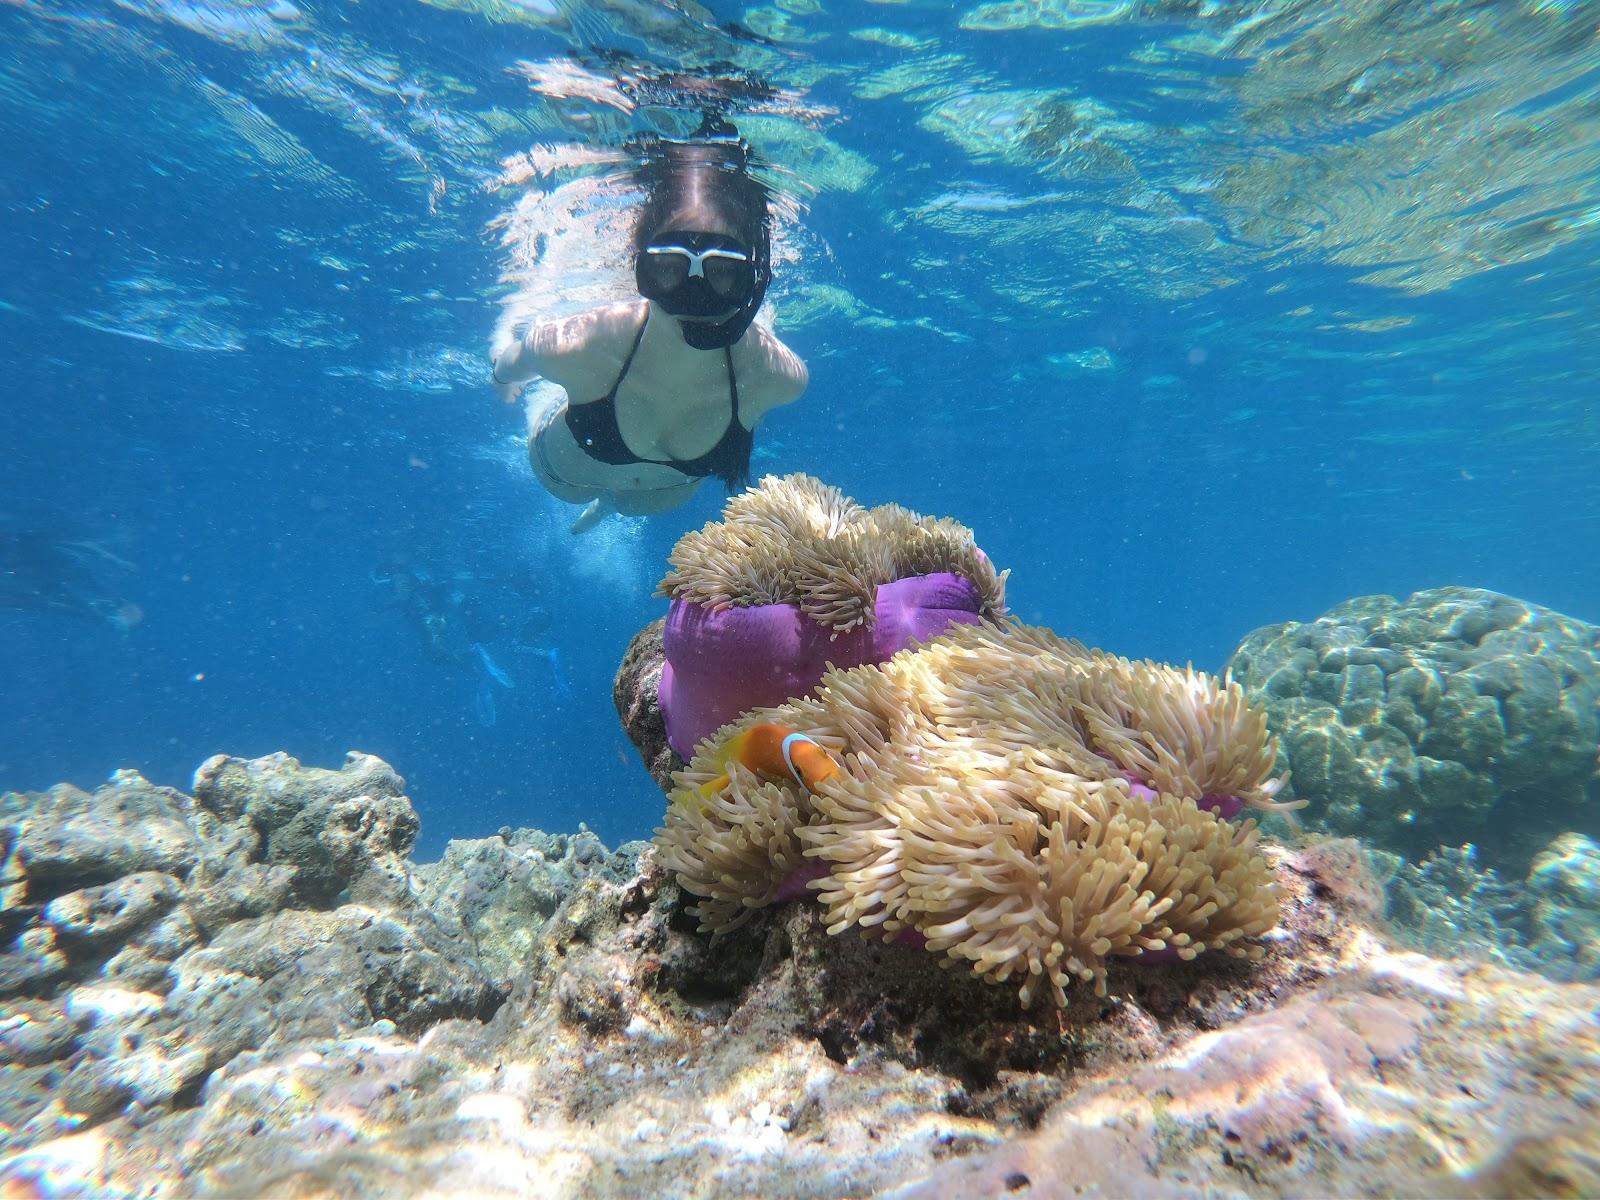 Image of Snorkeling at Bali